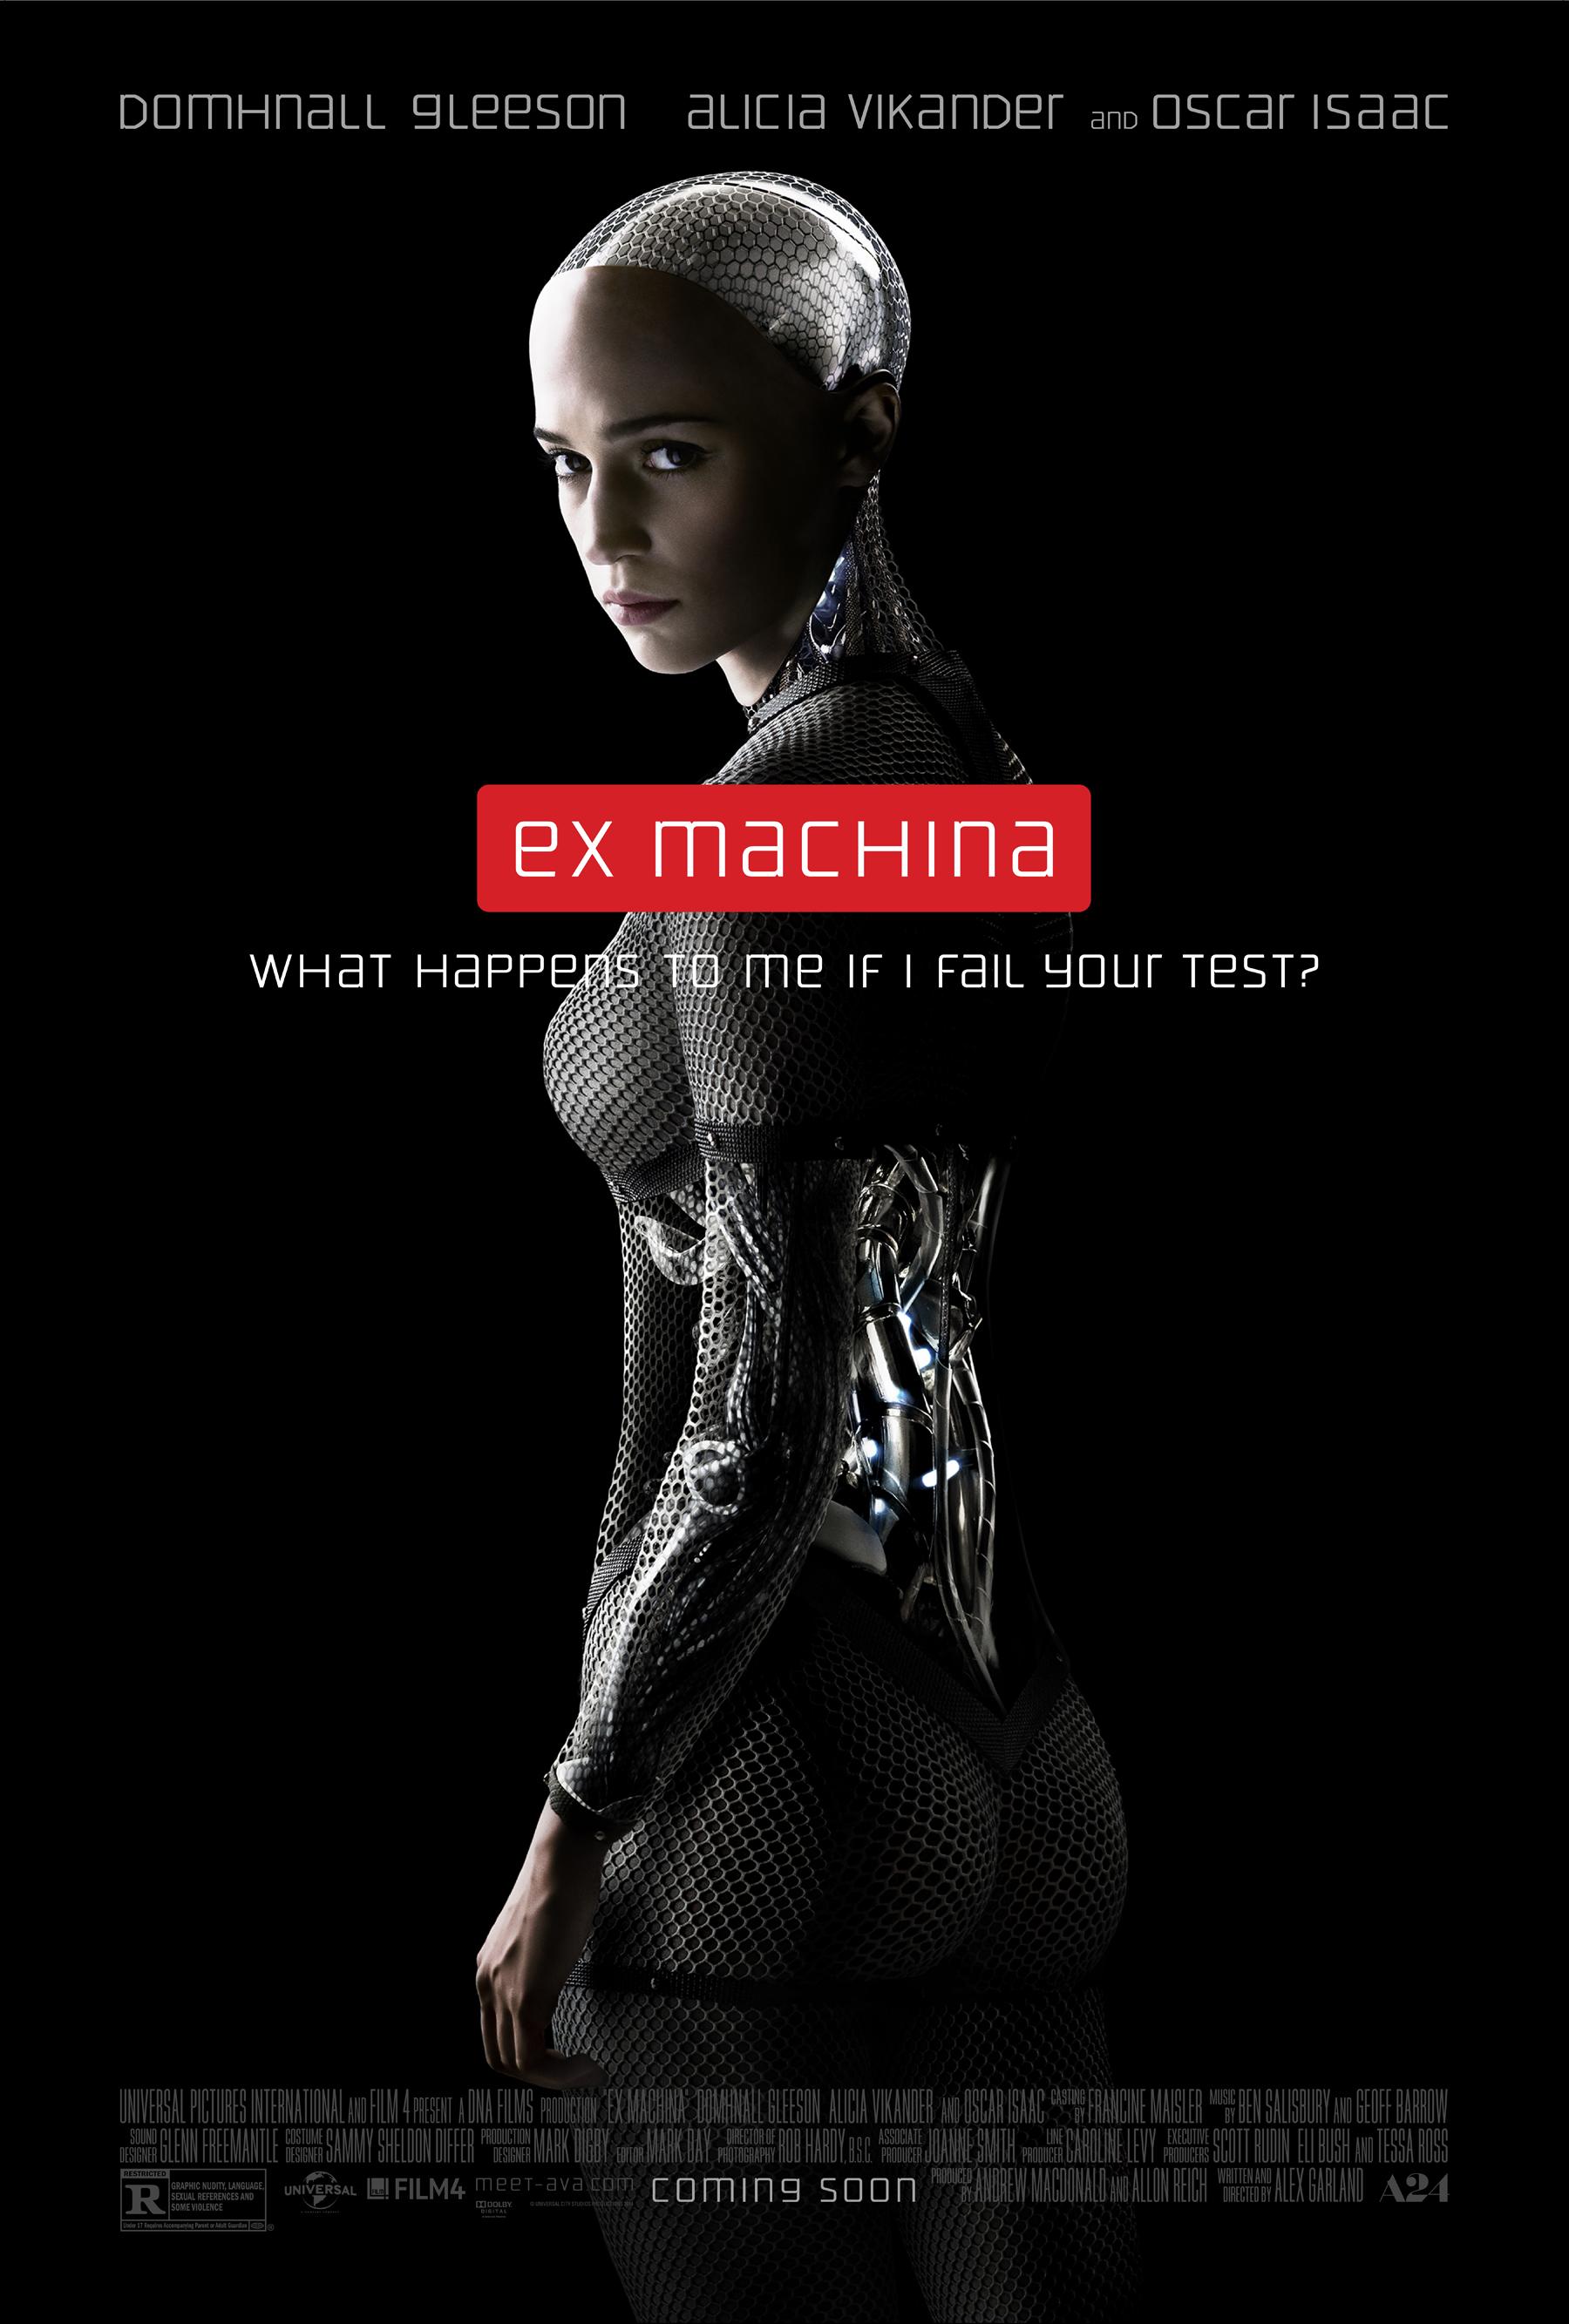 """10. Ex Machina / """"Ex_Machina: Бог от машината"""" (2014) – Режисьор: Алекс Гарланд; Участват: Домнал Глийсън, Алисия Викандър, Оскар Айзък"""